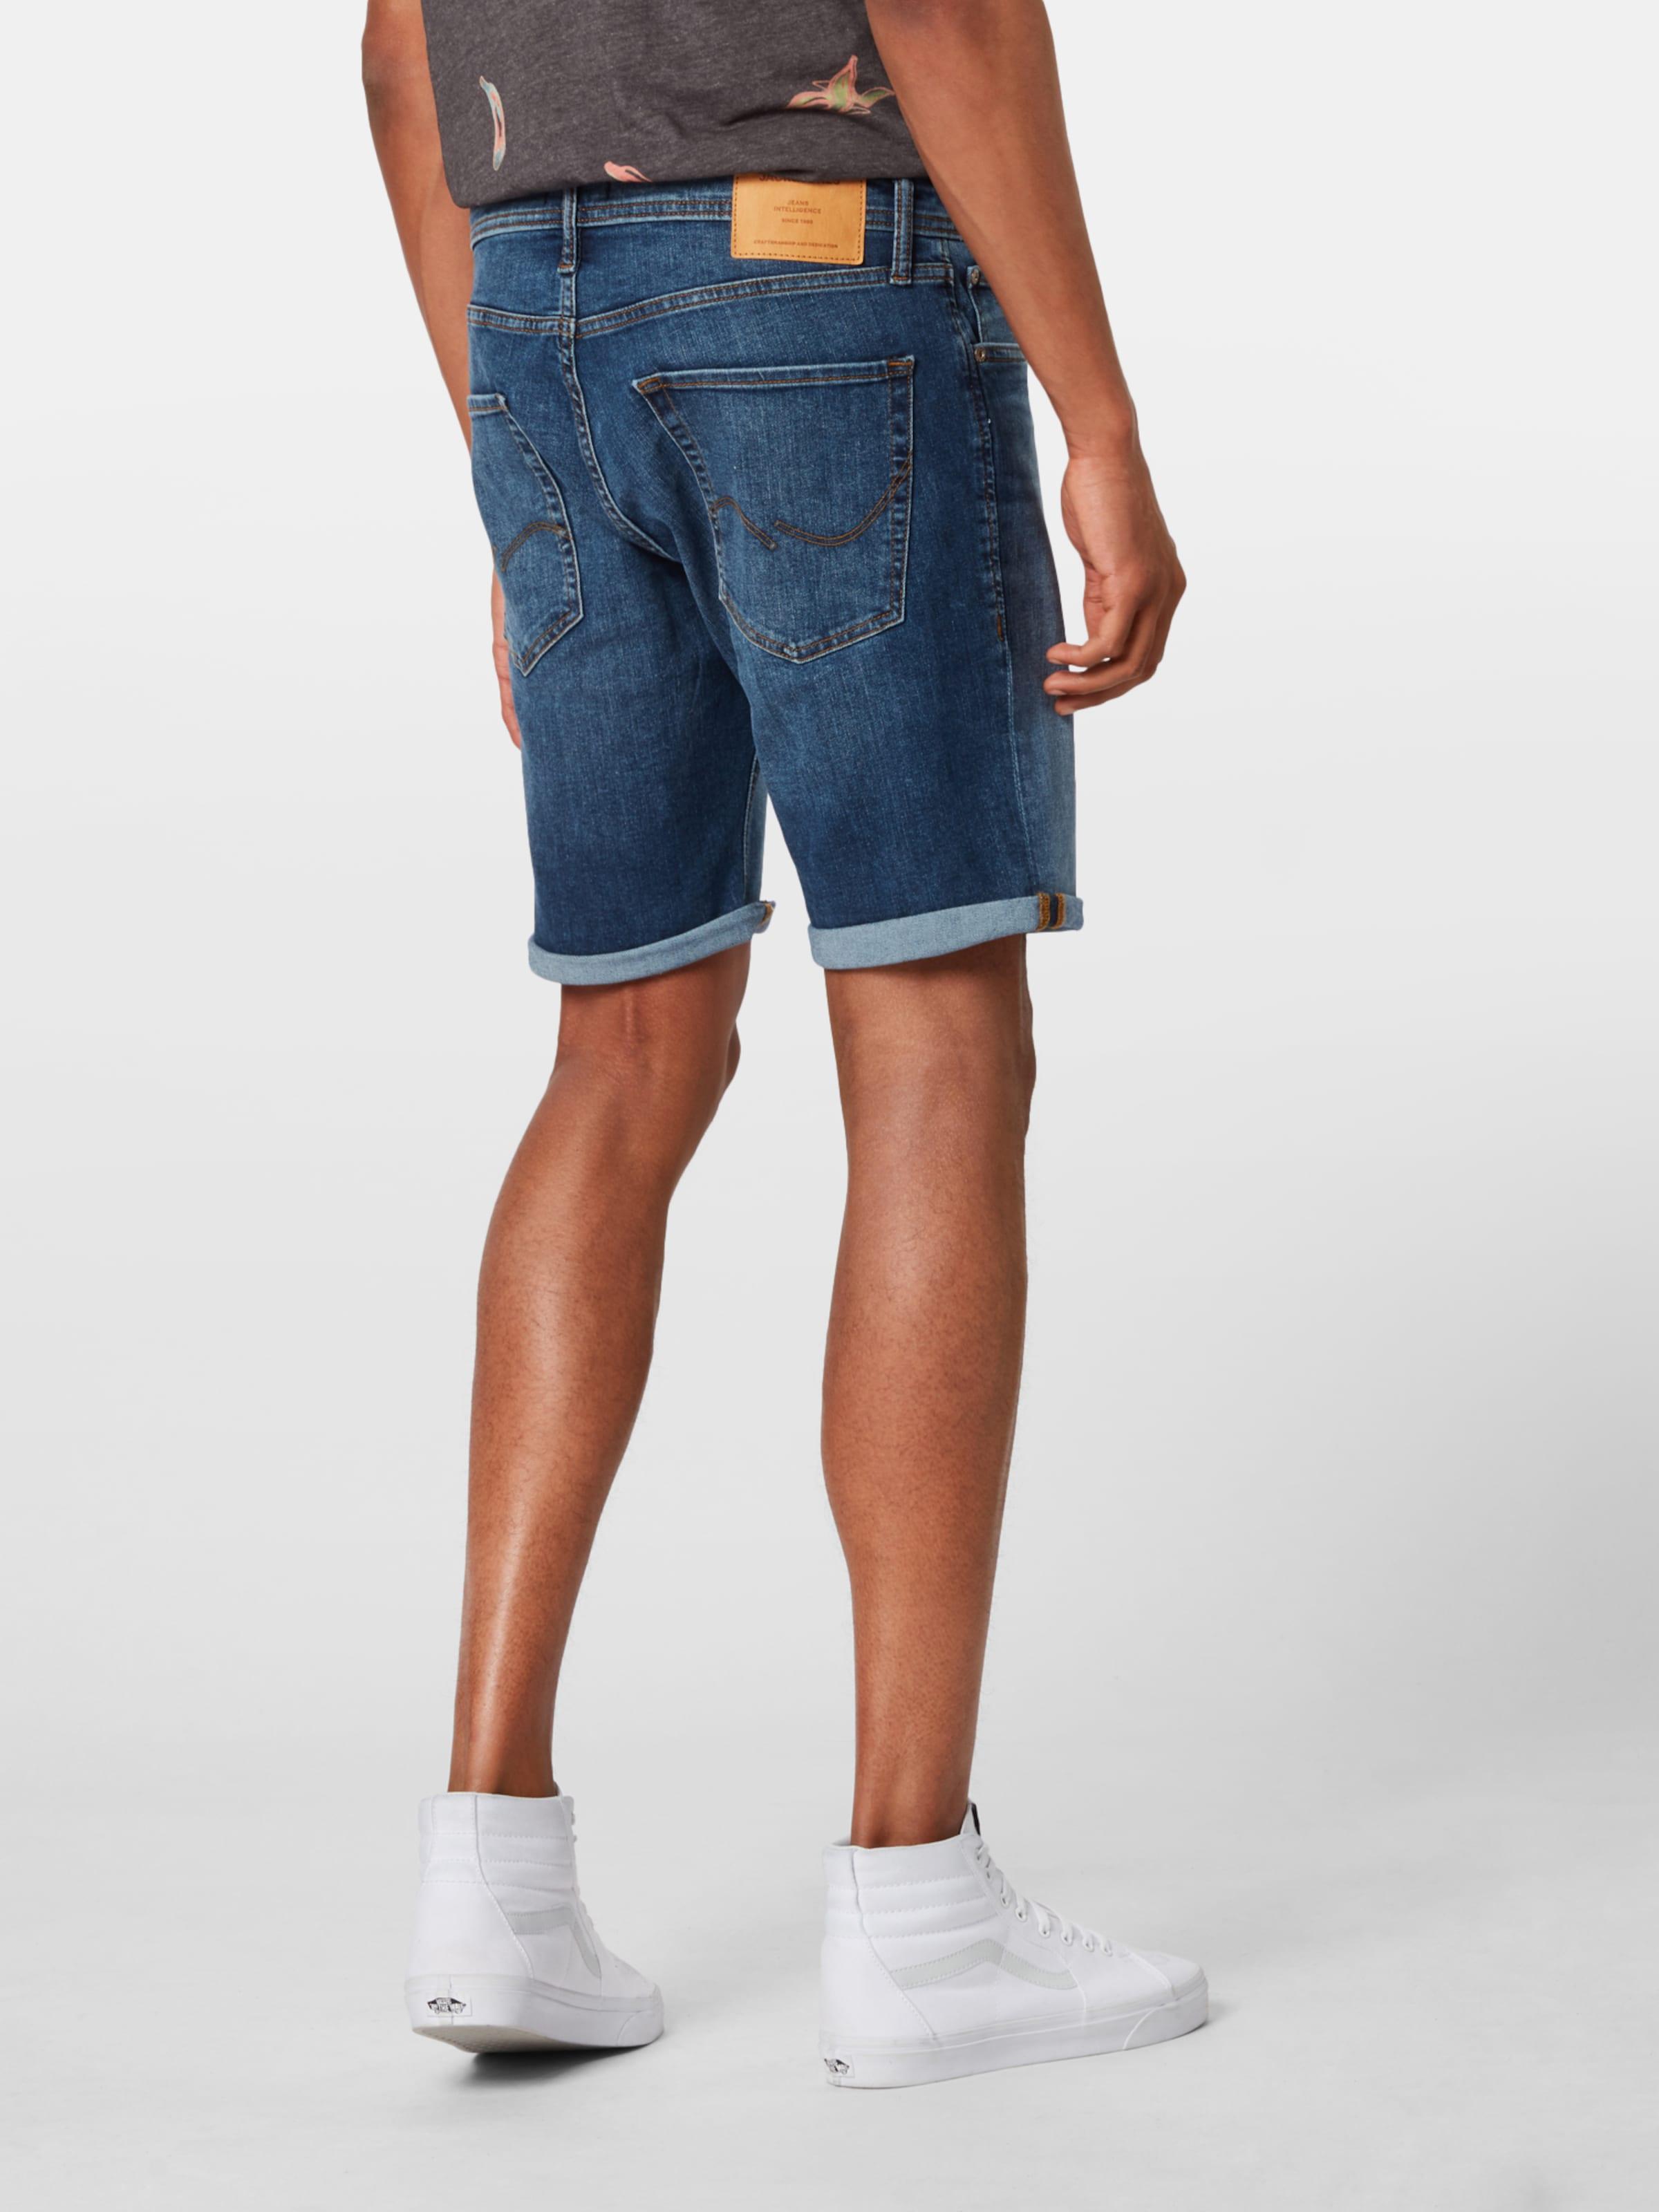 Jackamp; Blue In 'rick' Jeans Jones Denim uwiXTOZPk